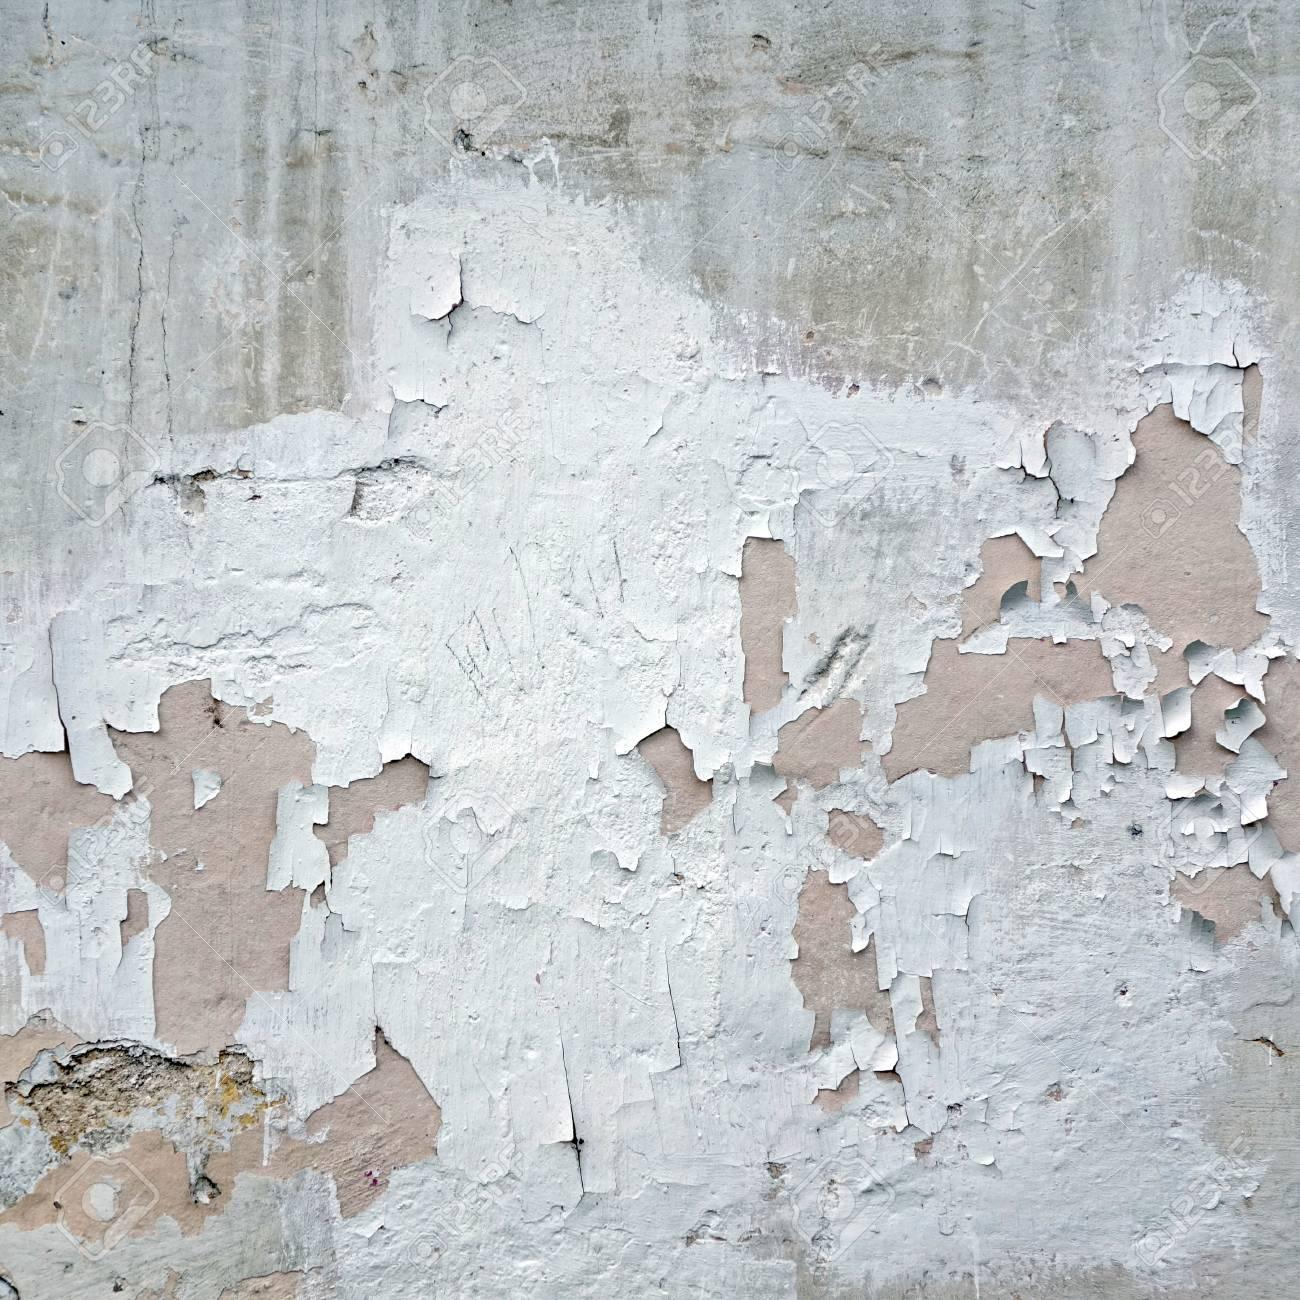 Antiguo Muro De Yeso Pelado Blanco Con Marco De Estructura Agrietada ...